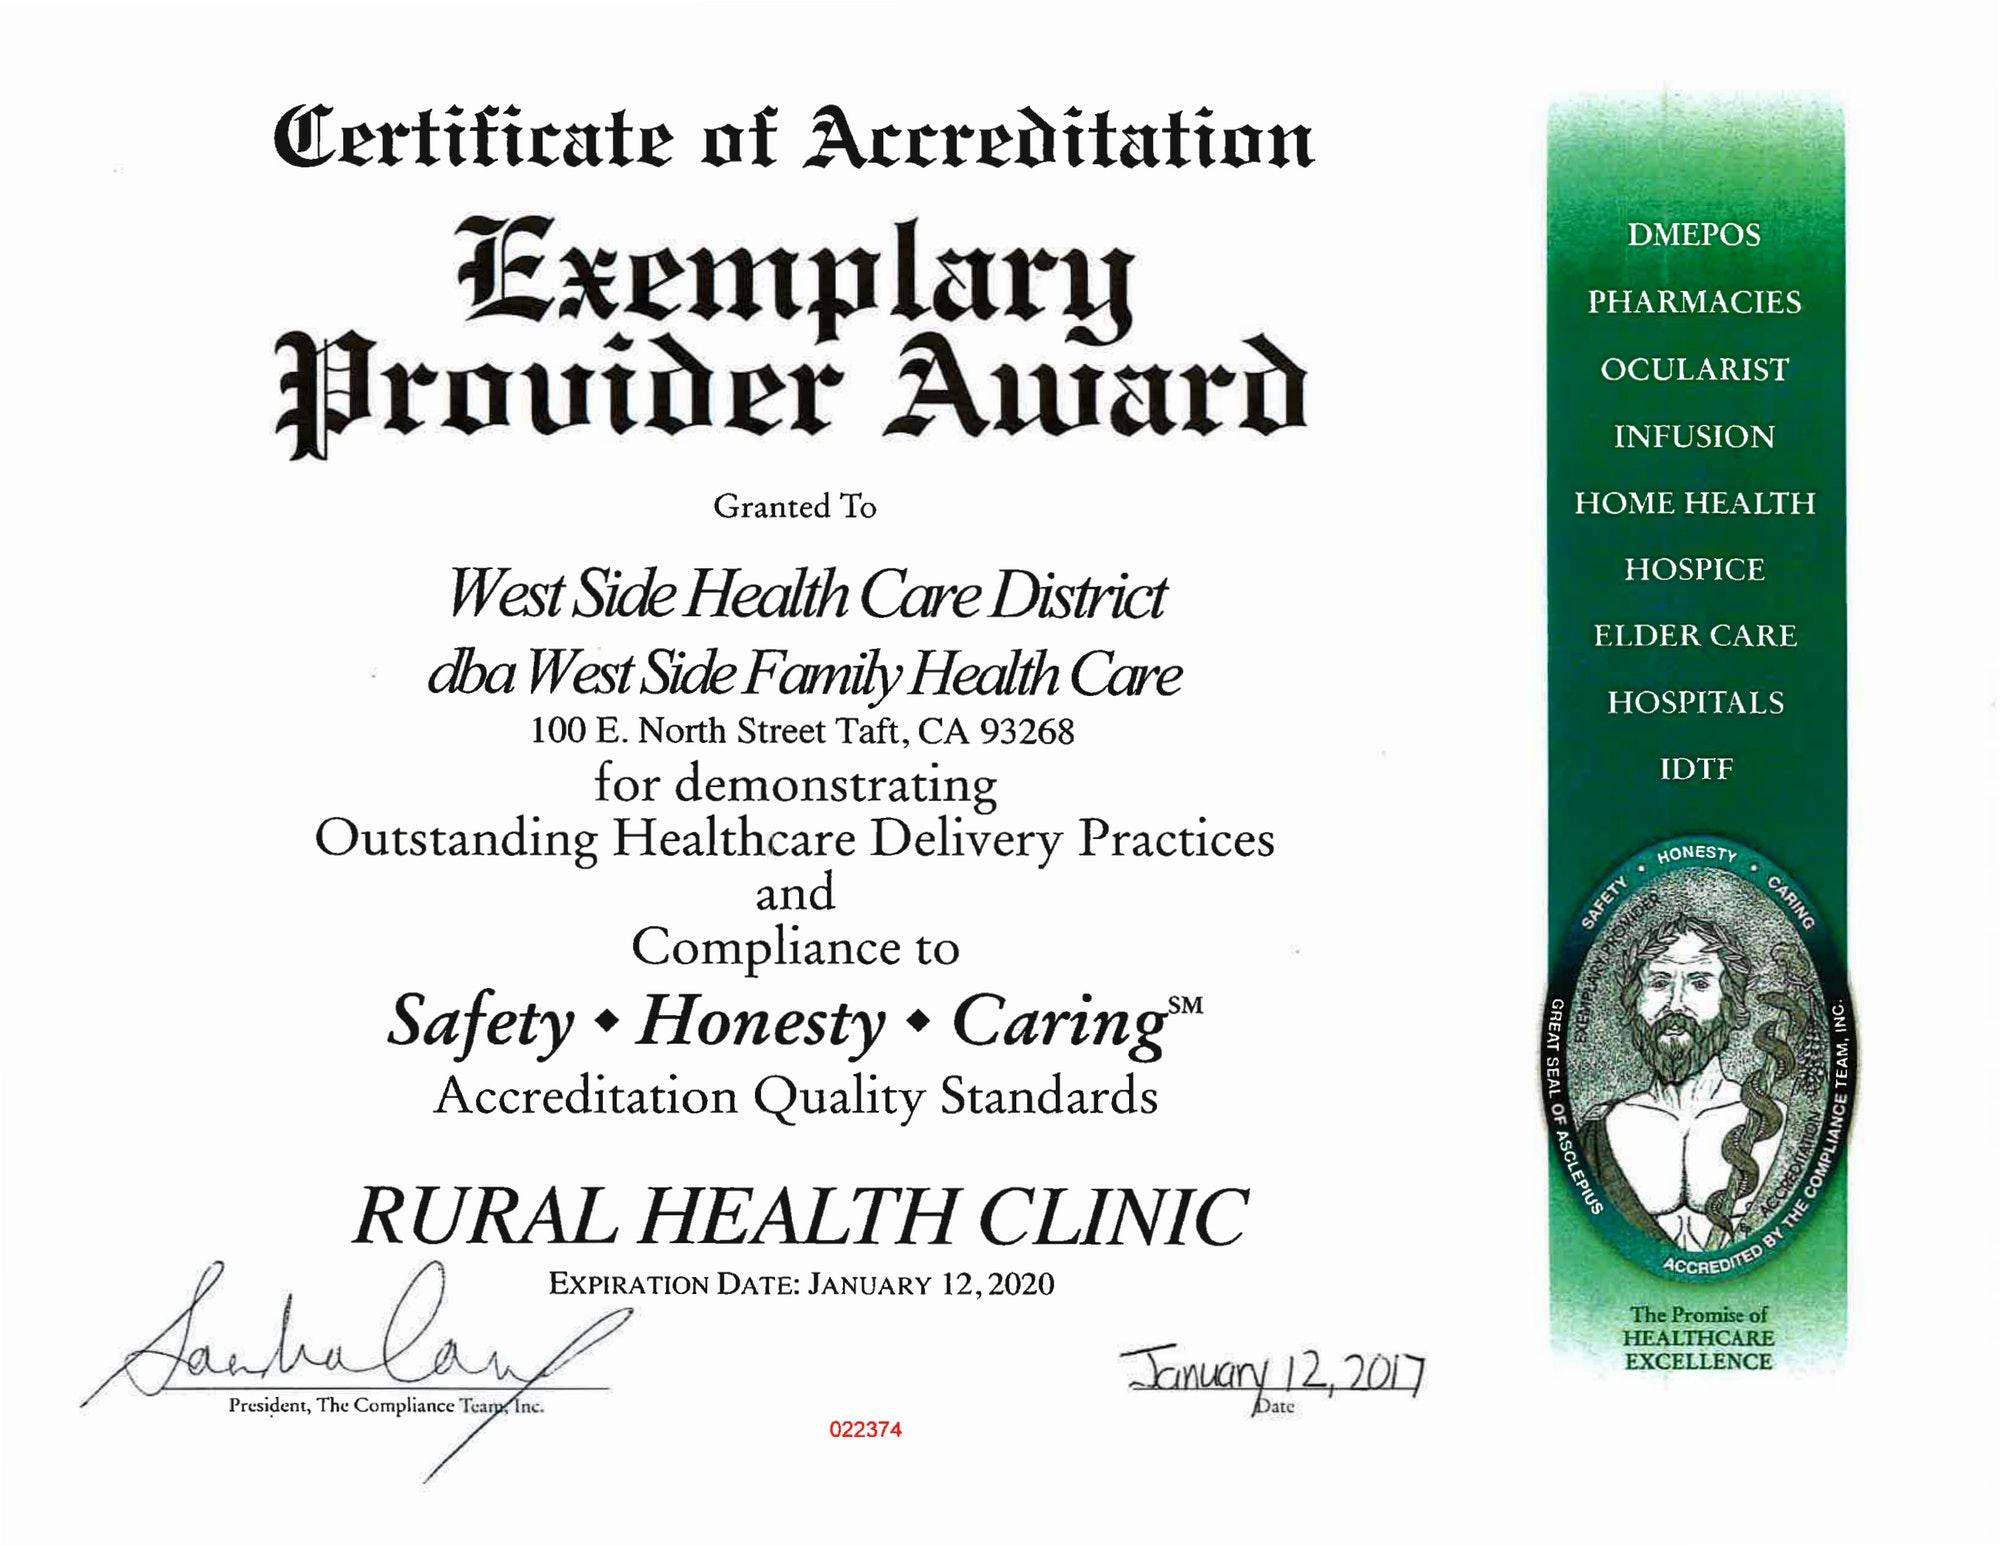 Award, Certificate, Healthcare